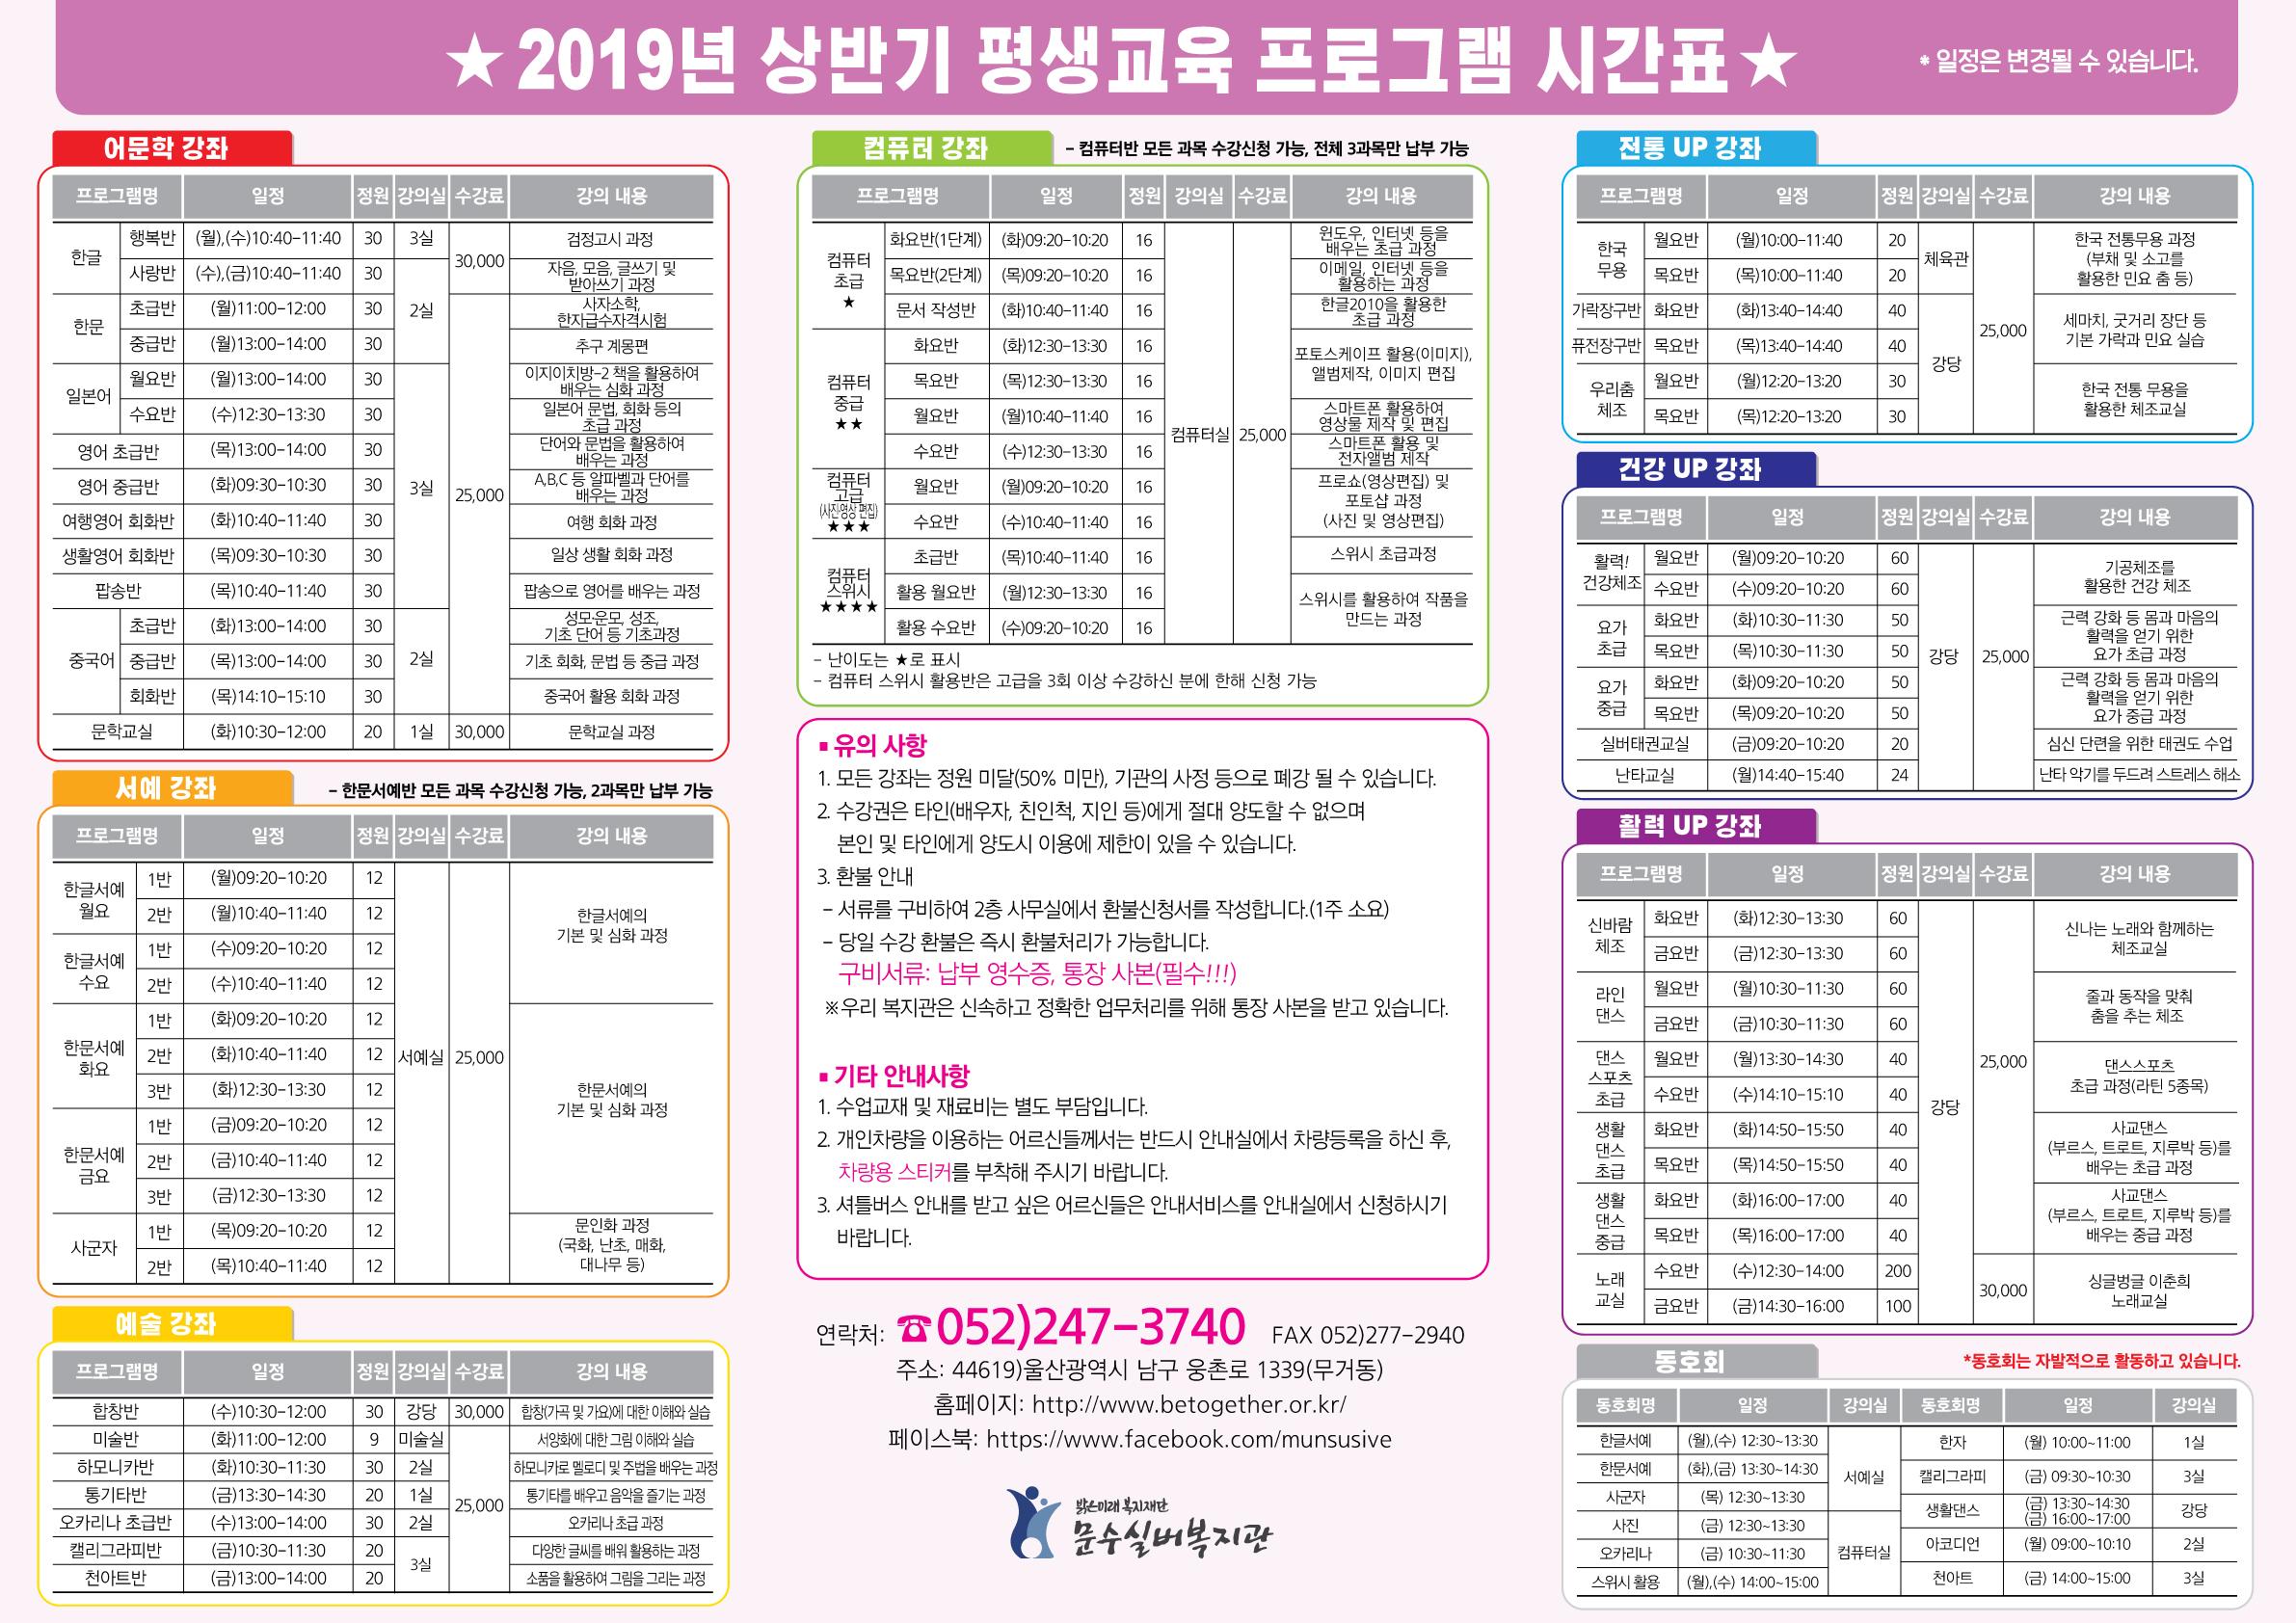 2019년상반기평생프로그램-최종.jpg